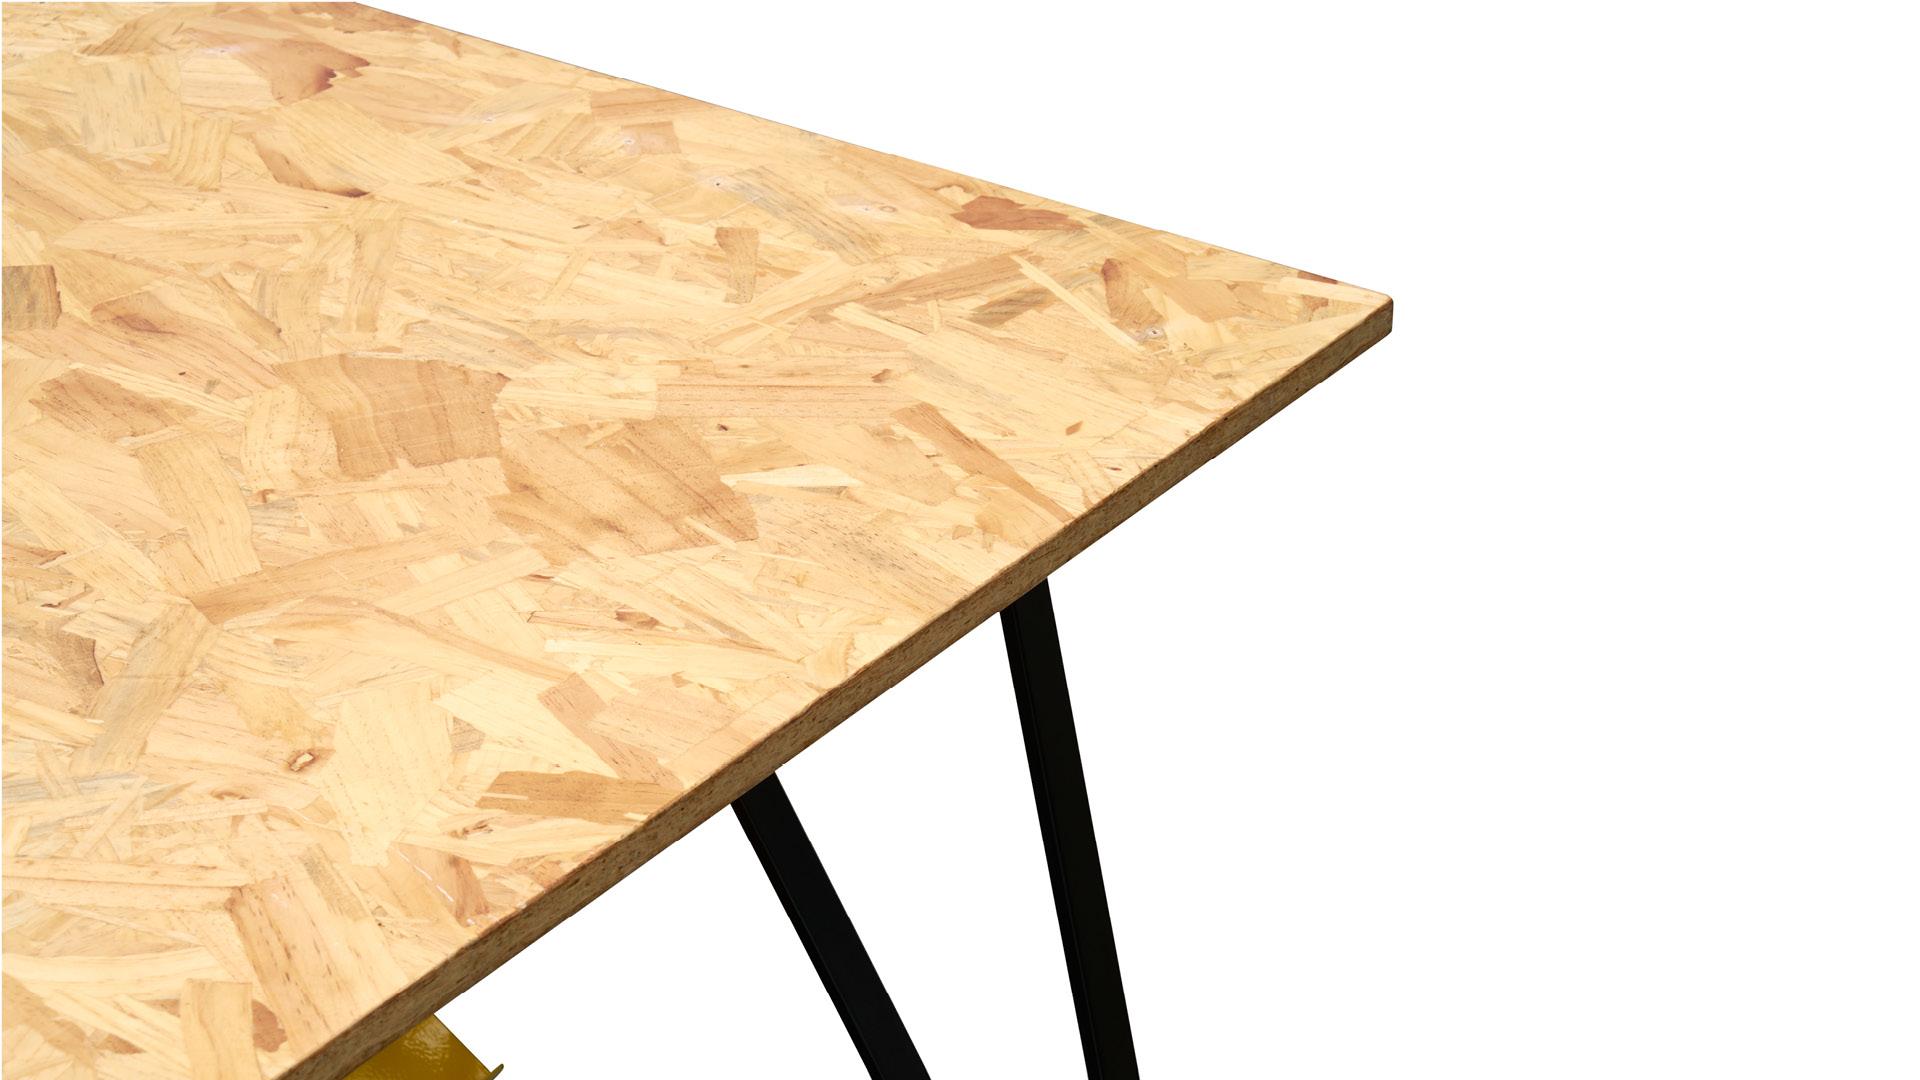 桌面采用最早来自欧洲,上世纪七八十年代风靡欧美家具业的欧松板。重组木质纹理结构的新型板种,甲醛释放量几乎为零,符合E1级环保标准。自然原始的纹理效果,更添一抹奔放的艺术气息。?x-oss-process=image/format,jpg/interlace,1